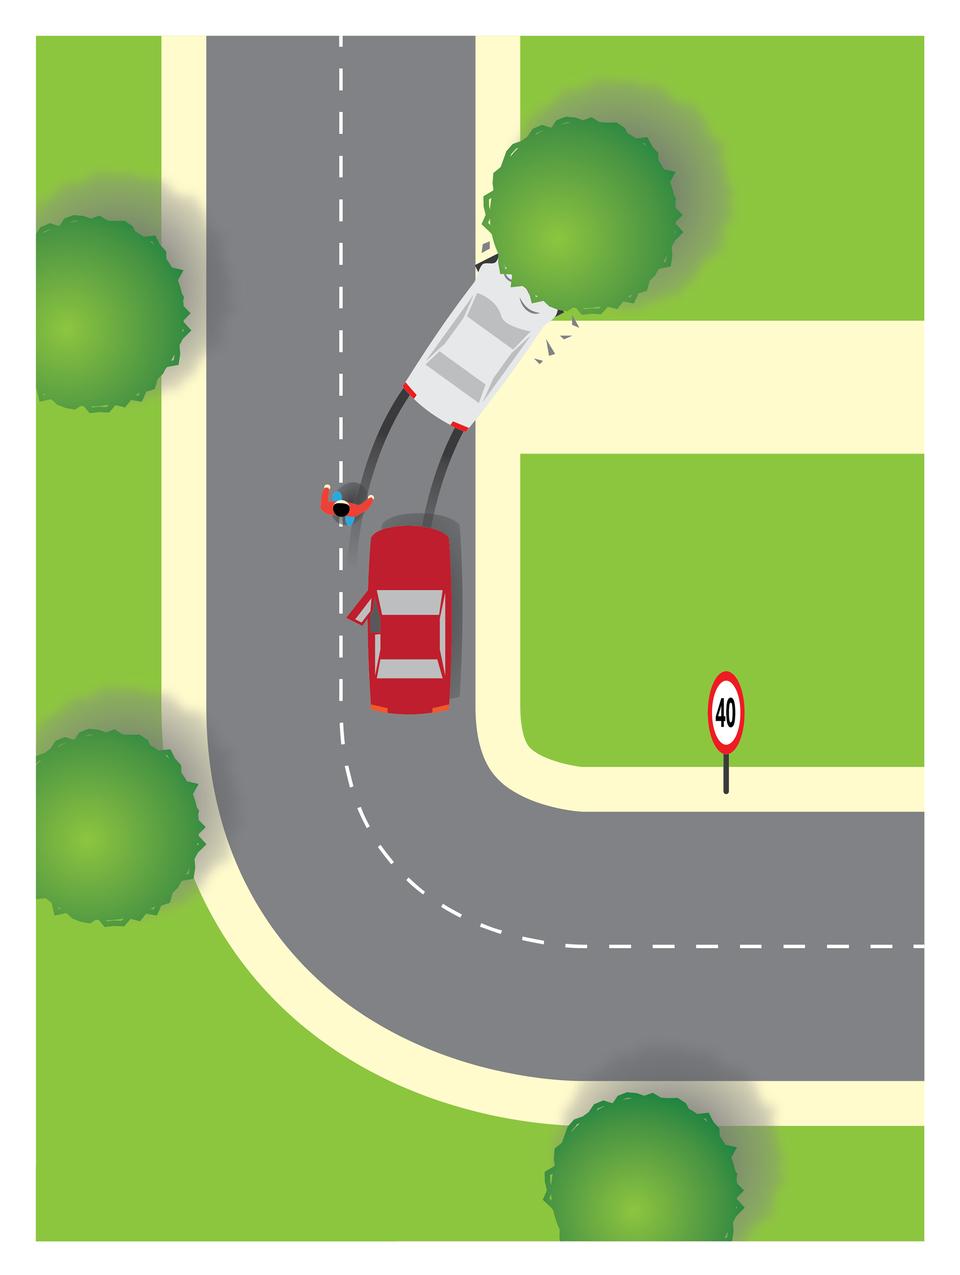 Ilustracja przedstawia schematyczny widok zgóry fragmentu drogi zostrym zakrętem wprawo iograniczeniem prędkości do czterdziestu kilometrów na godzinę, scena wypadku opisana dokładnie przy poprzedniej ilustracji. Różnica polega na obecności za roztrzaskanym pojazdem drugiego, czerwonego samochodu osobowego. Samochód stoi na jezdni zaraz za zakrętem, jest skierowany maską wstronę rozbitego jasnego samochodu. Drzwi od strony kierowcy otwarte, kierowca wdżinsach iczerwonym swetrze idzie środkiem drogi wkierunku rozbitego pojazdu.